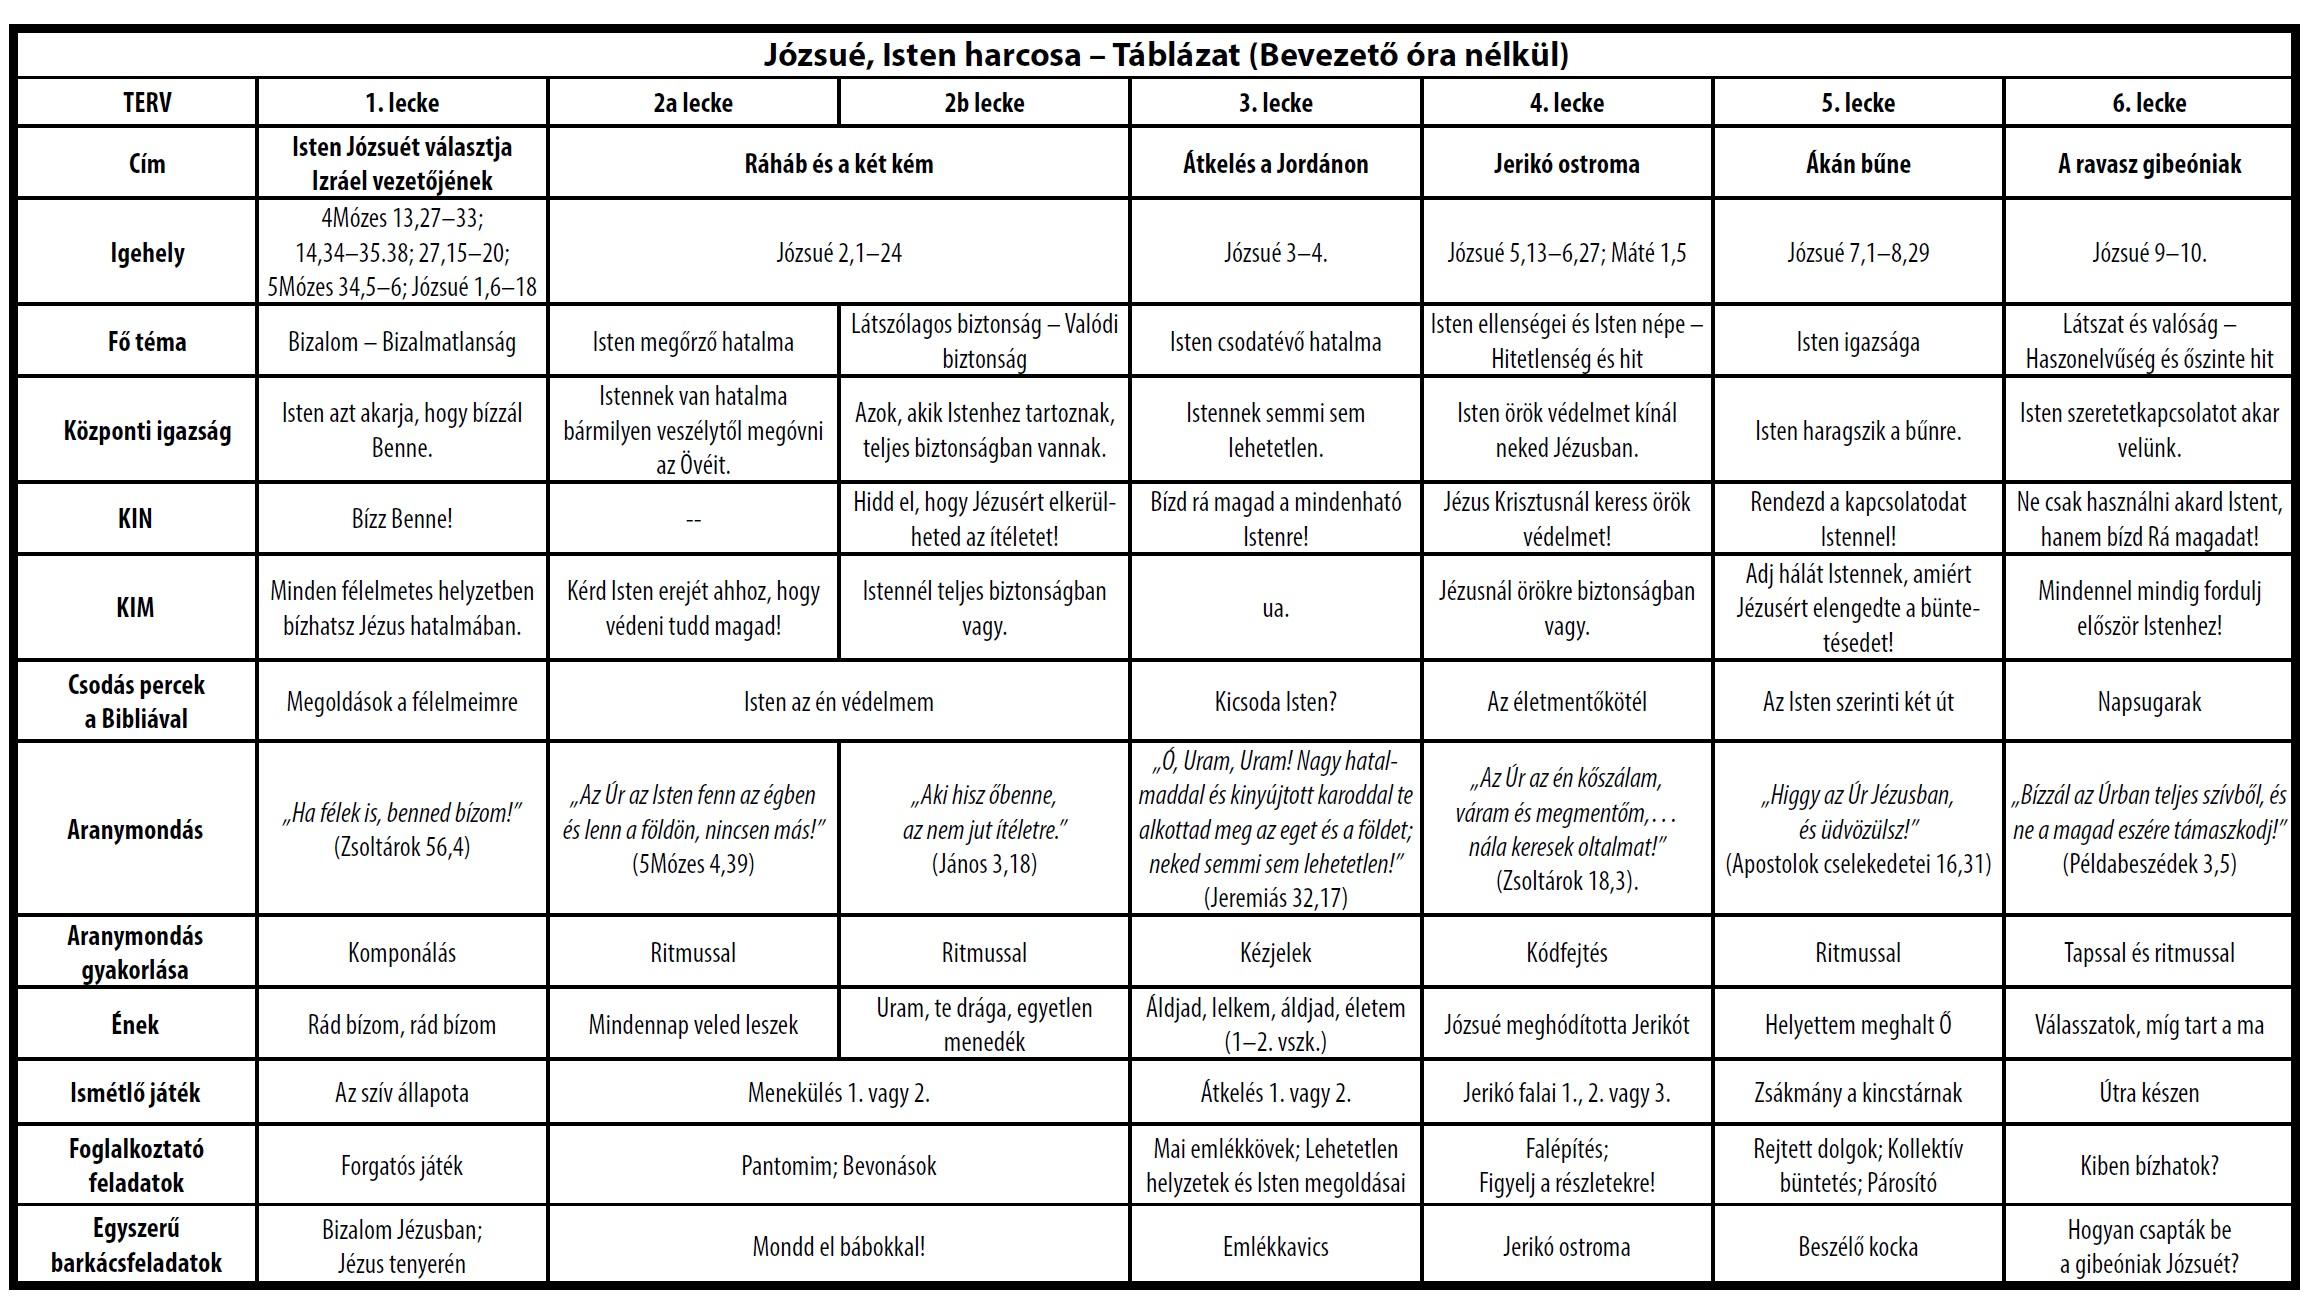 Józsué táblázat